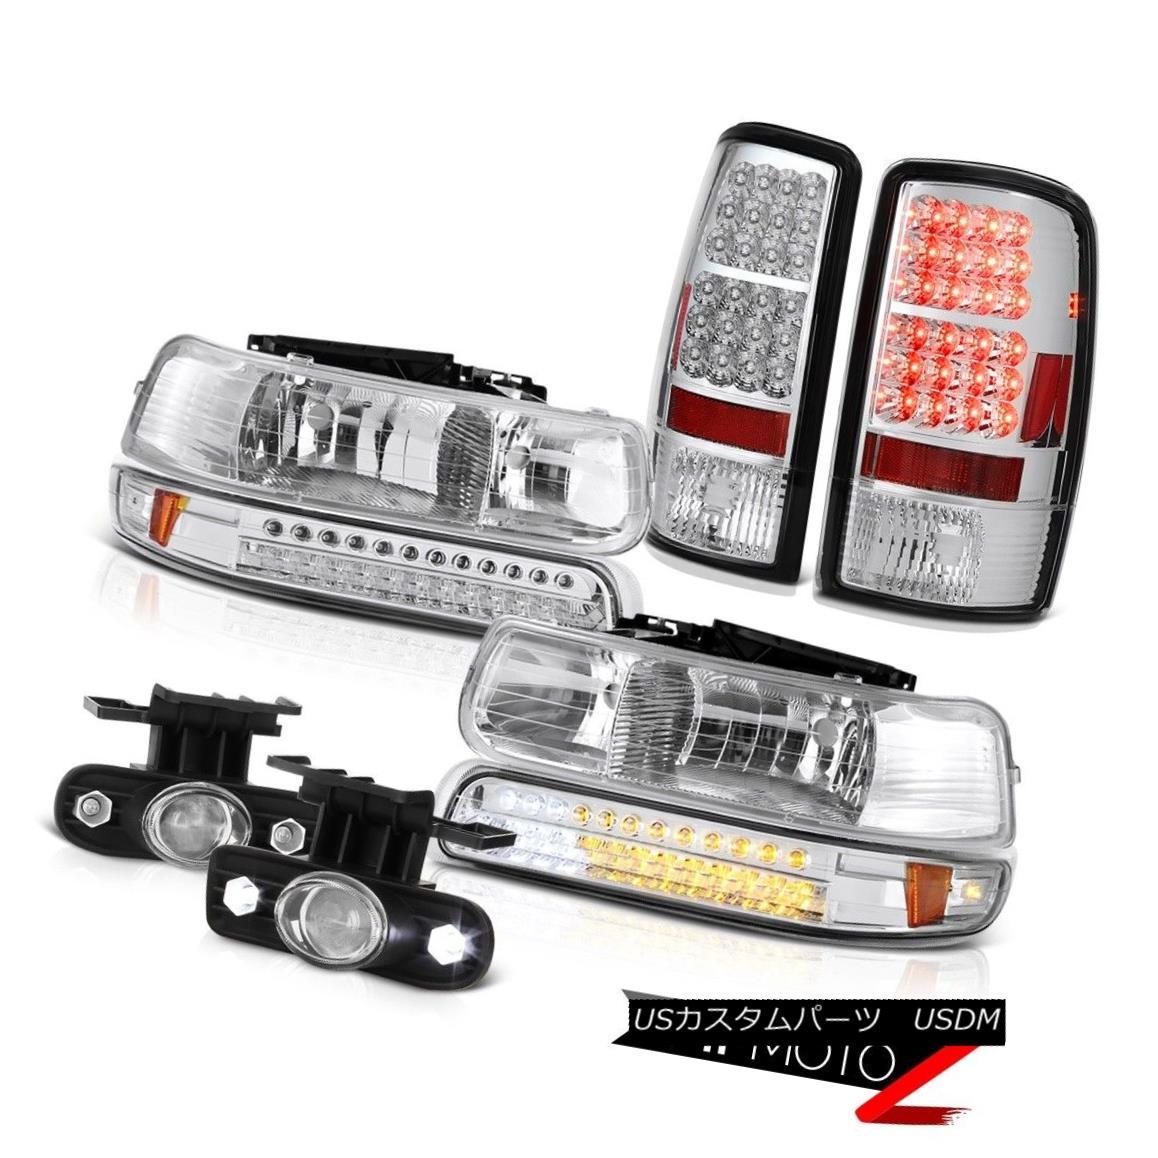 ヘッドライト 00 01 02 03 04 05 06 Suburban 5.3L LED Headlights Euro Tail Lights Chrome Fog 00 01 02 03 04 05 06郊外5.3L LEDヘッドライトユーロテールライトクロムフォグ